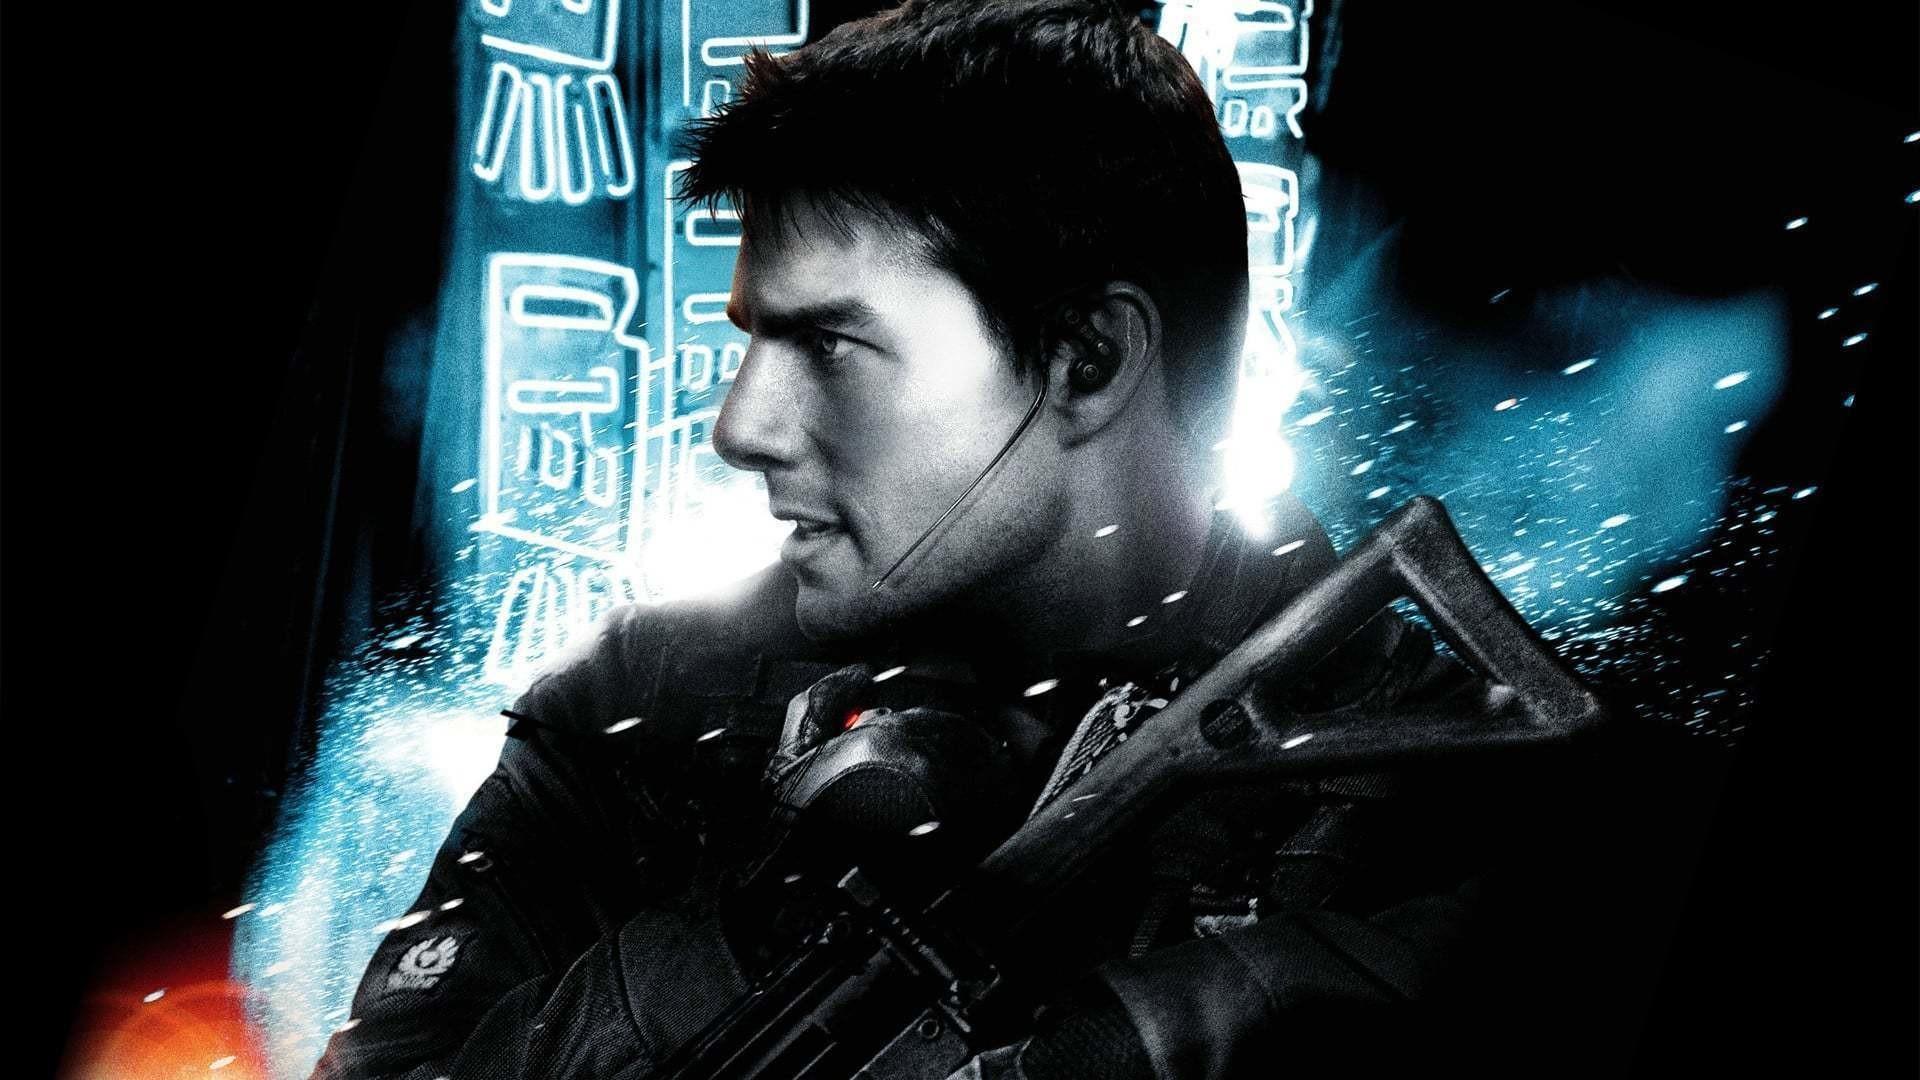 foto de Mission: Impossible III [2006] Full Movie HD ☆ - Vidio.com